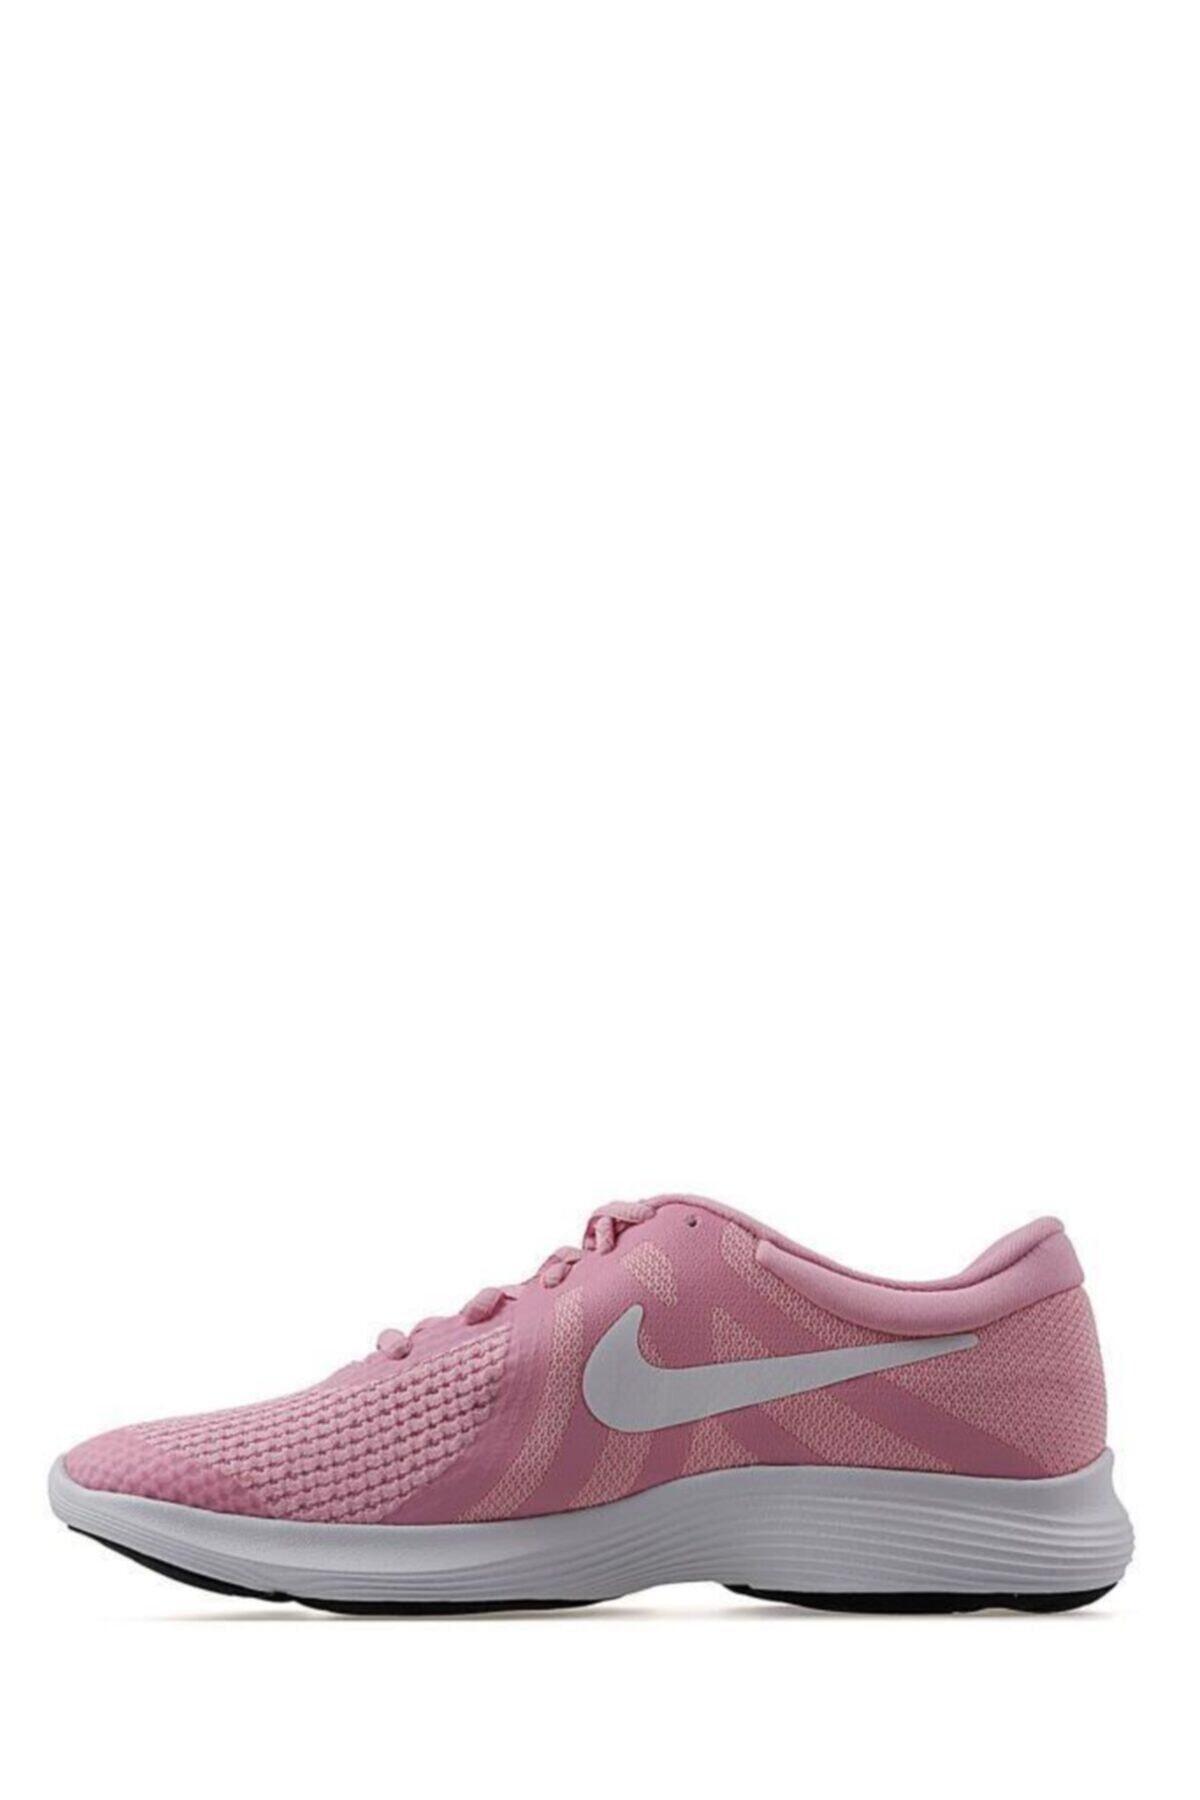 Nike Revolution 4 943306-603 Bayan Spor Ayakkabı 2